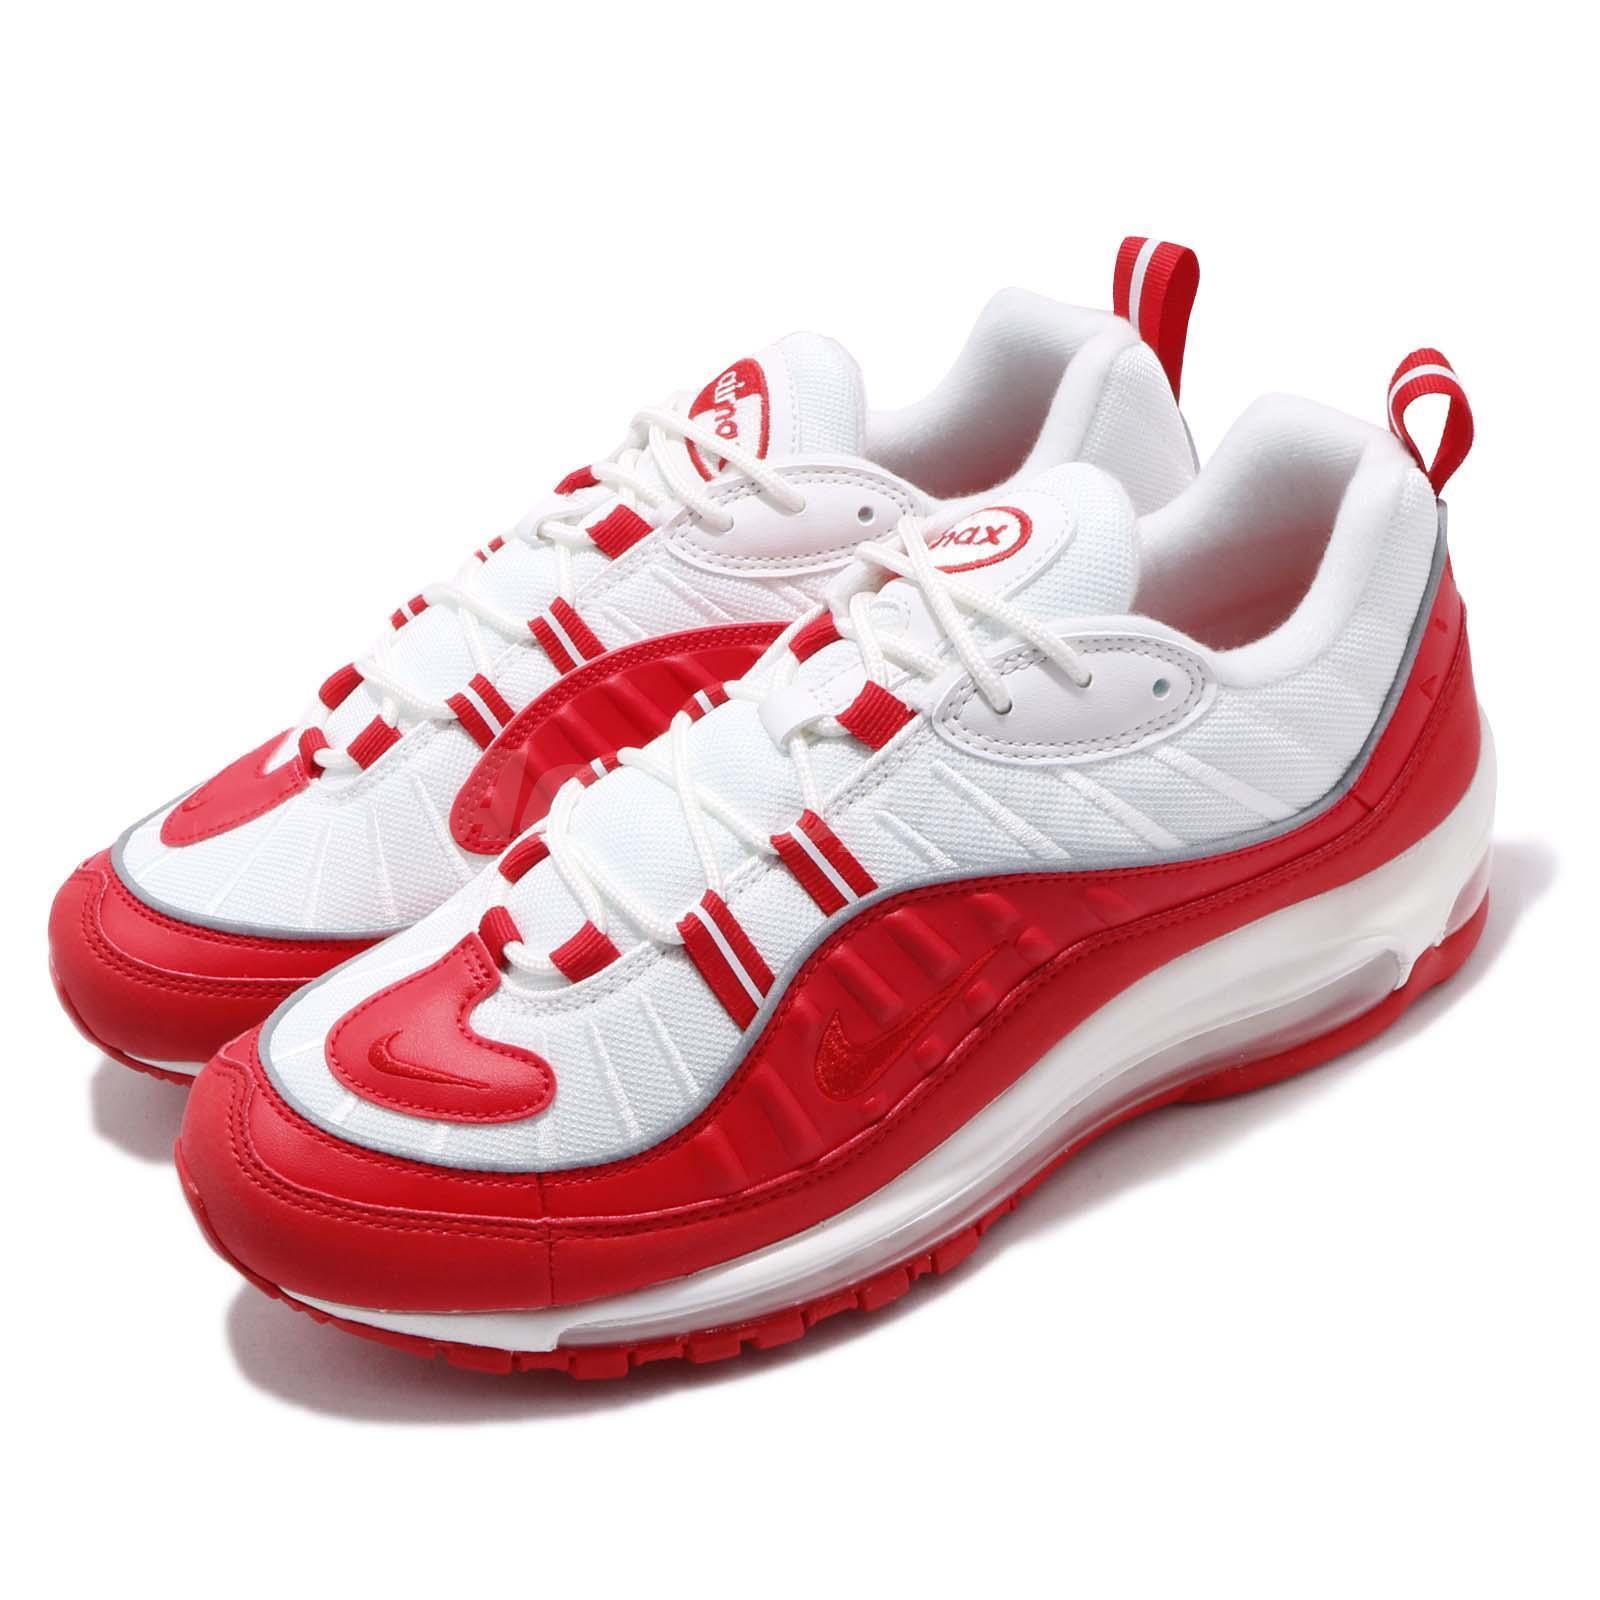 Nike Air Max 98 Universidad Rojo blancoo para Hombre Running Zapatos Zapatillas 640744-602 NSW